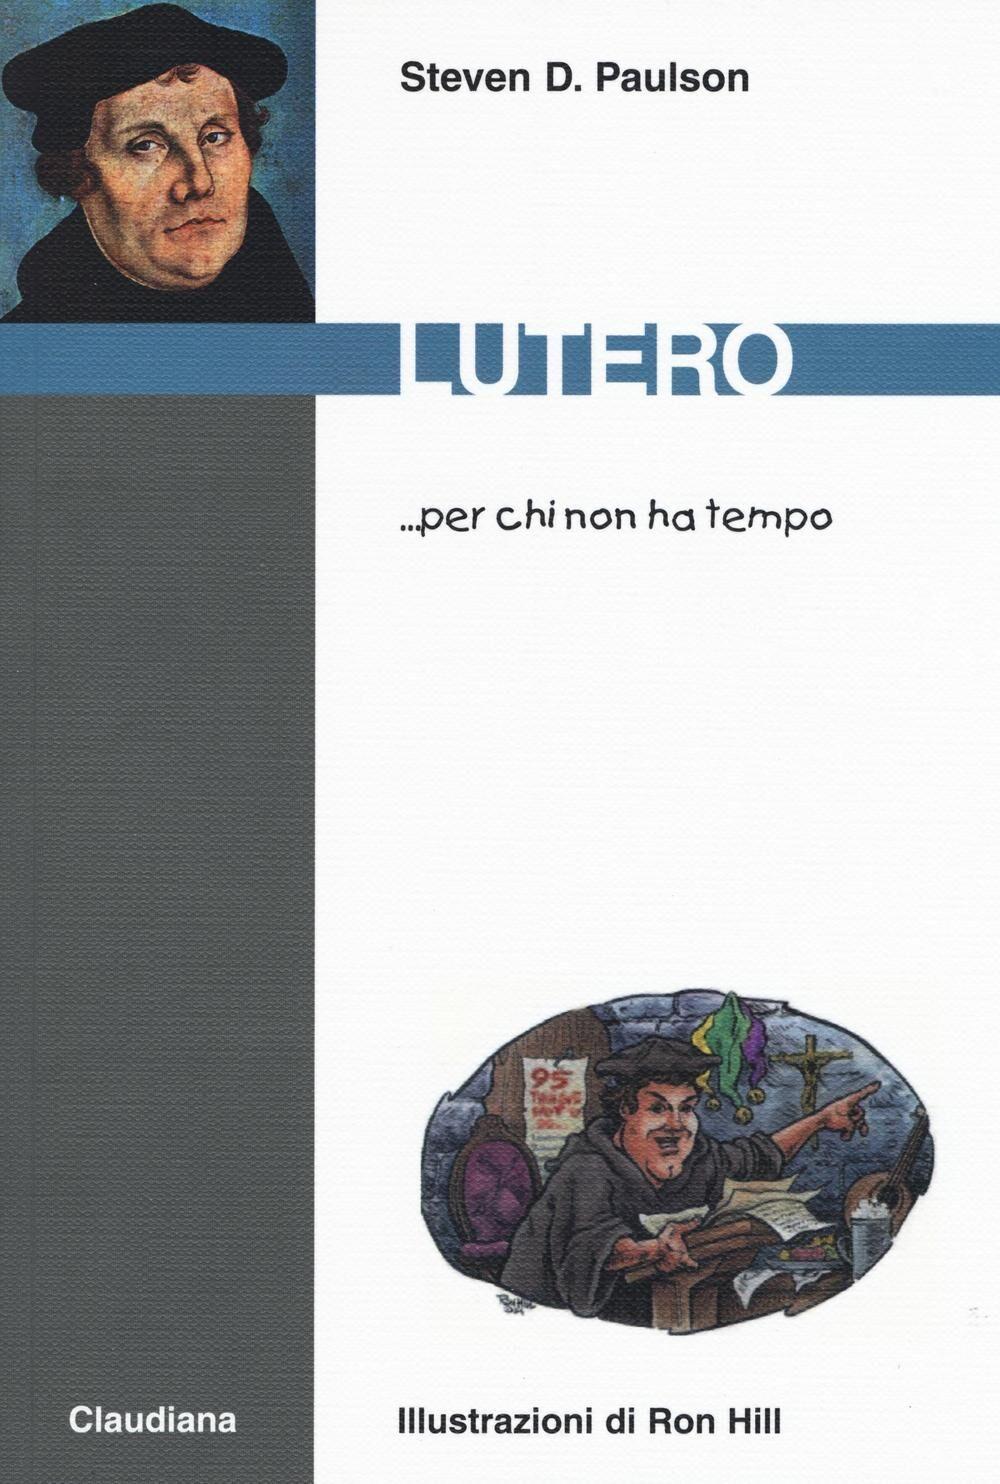 Lutero... per chi non ha tempo